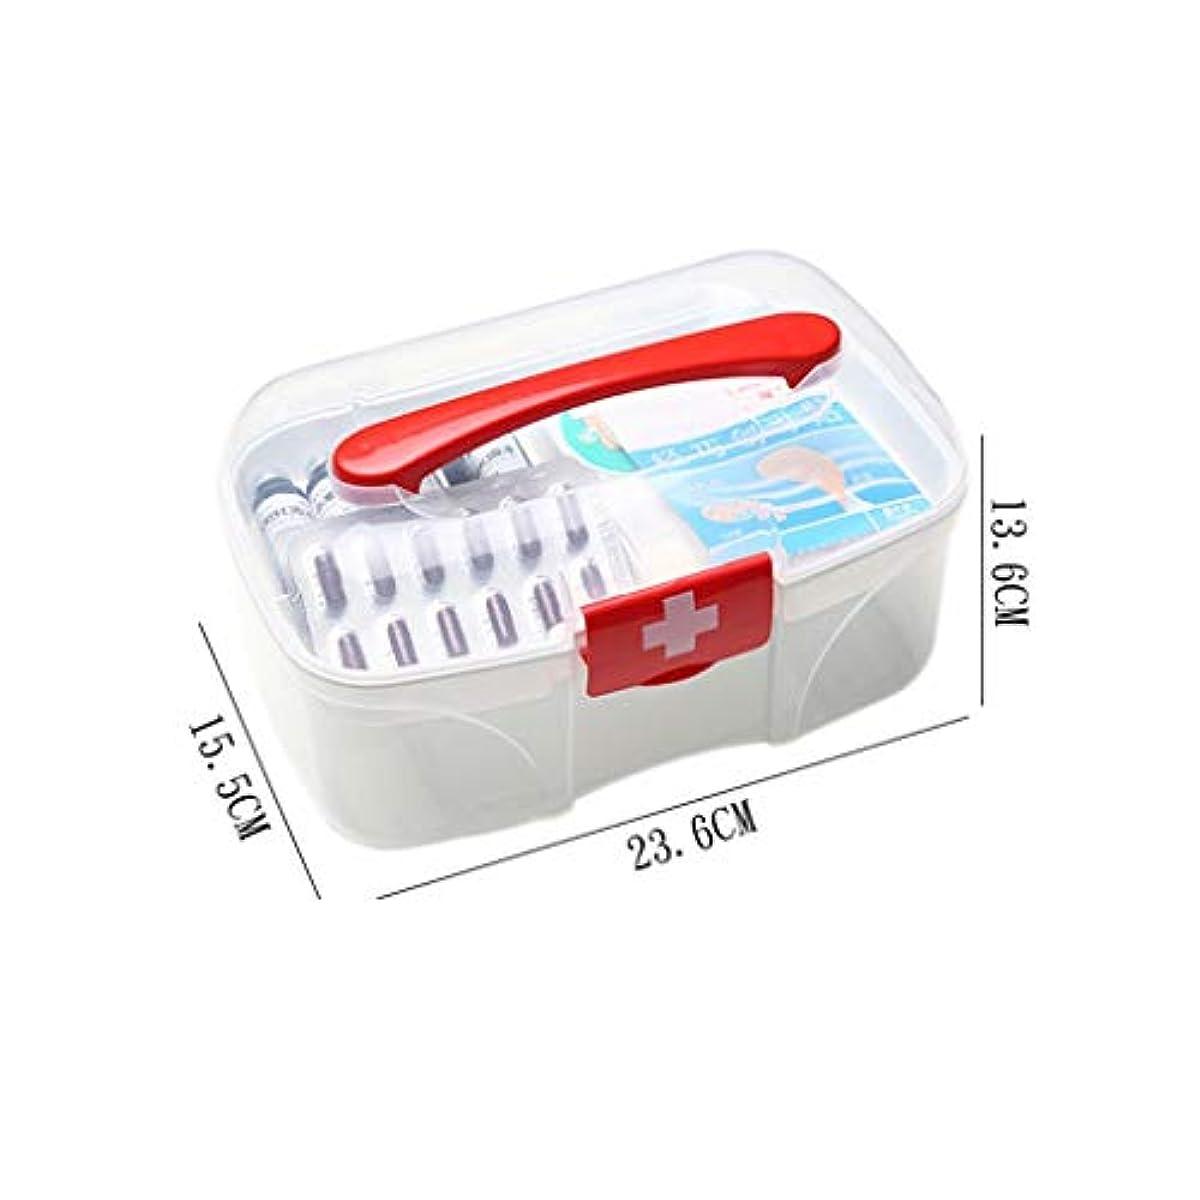 ピンポイント甘やかすパラダイス家庭用薬箱こども応急処置キット薬収納ボックスプラスチック携帯用薬箱 LIUXIN (Color : White, Size : 13.6cm×23.6cm×15.5cm)